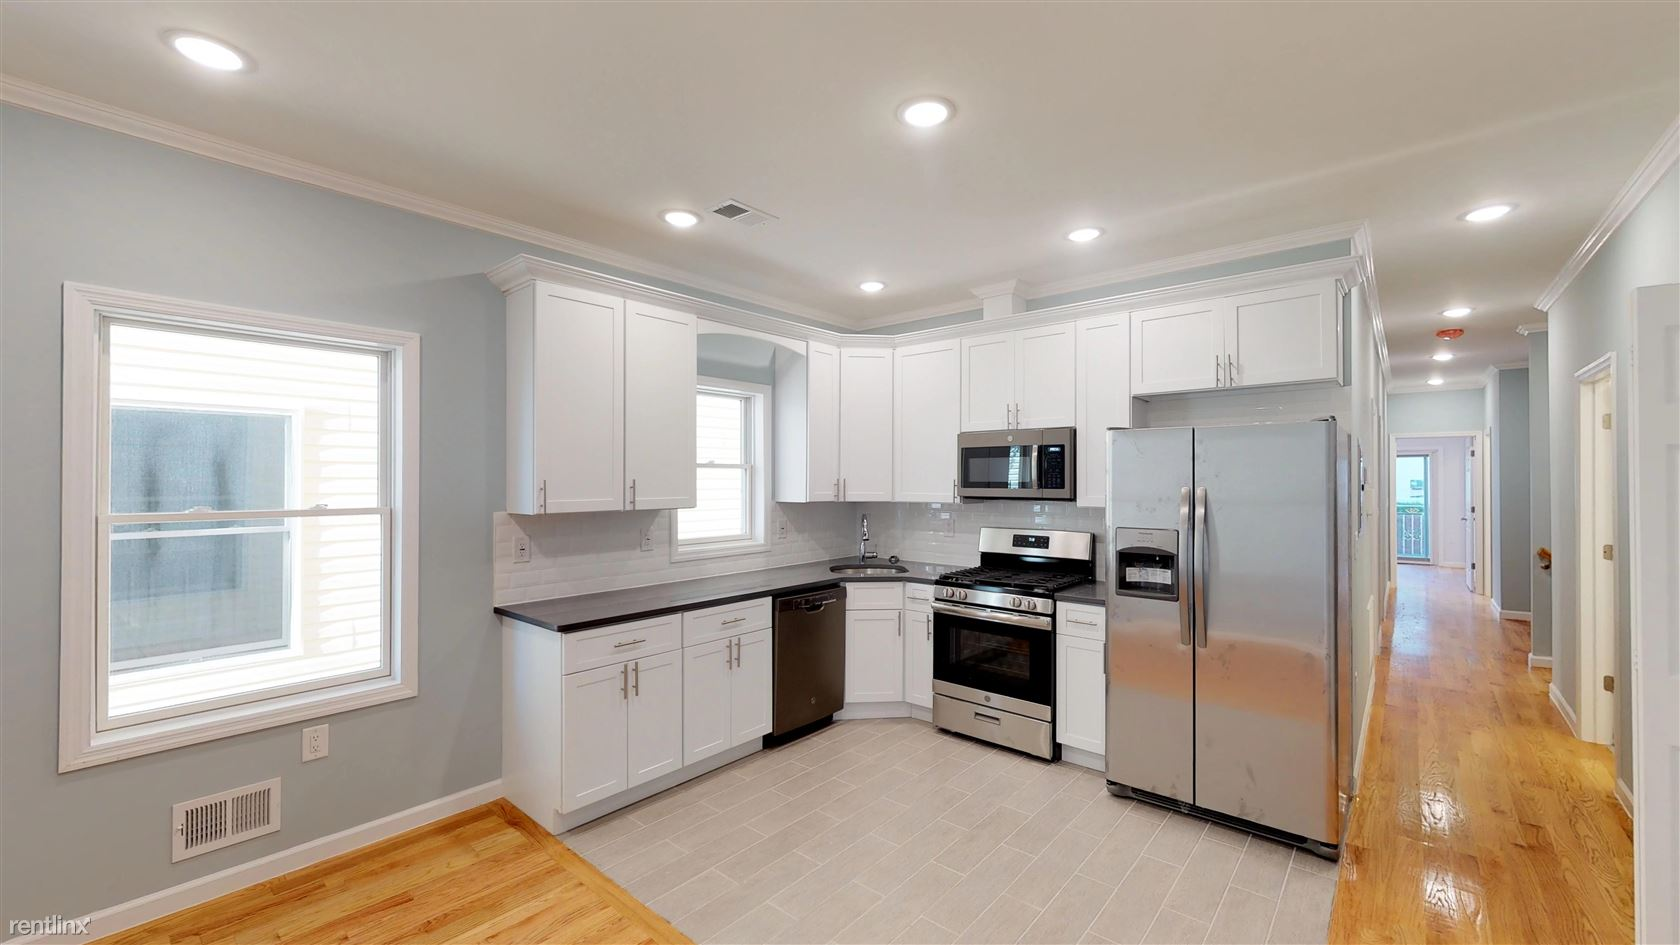 212 Terrace Ave # 1, Jersey City, NJ - $3,600